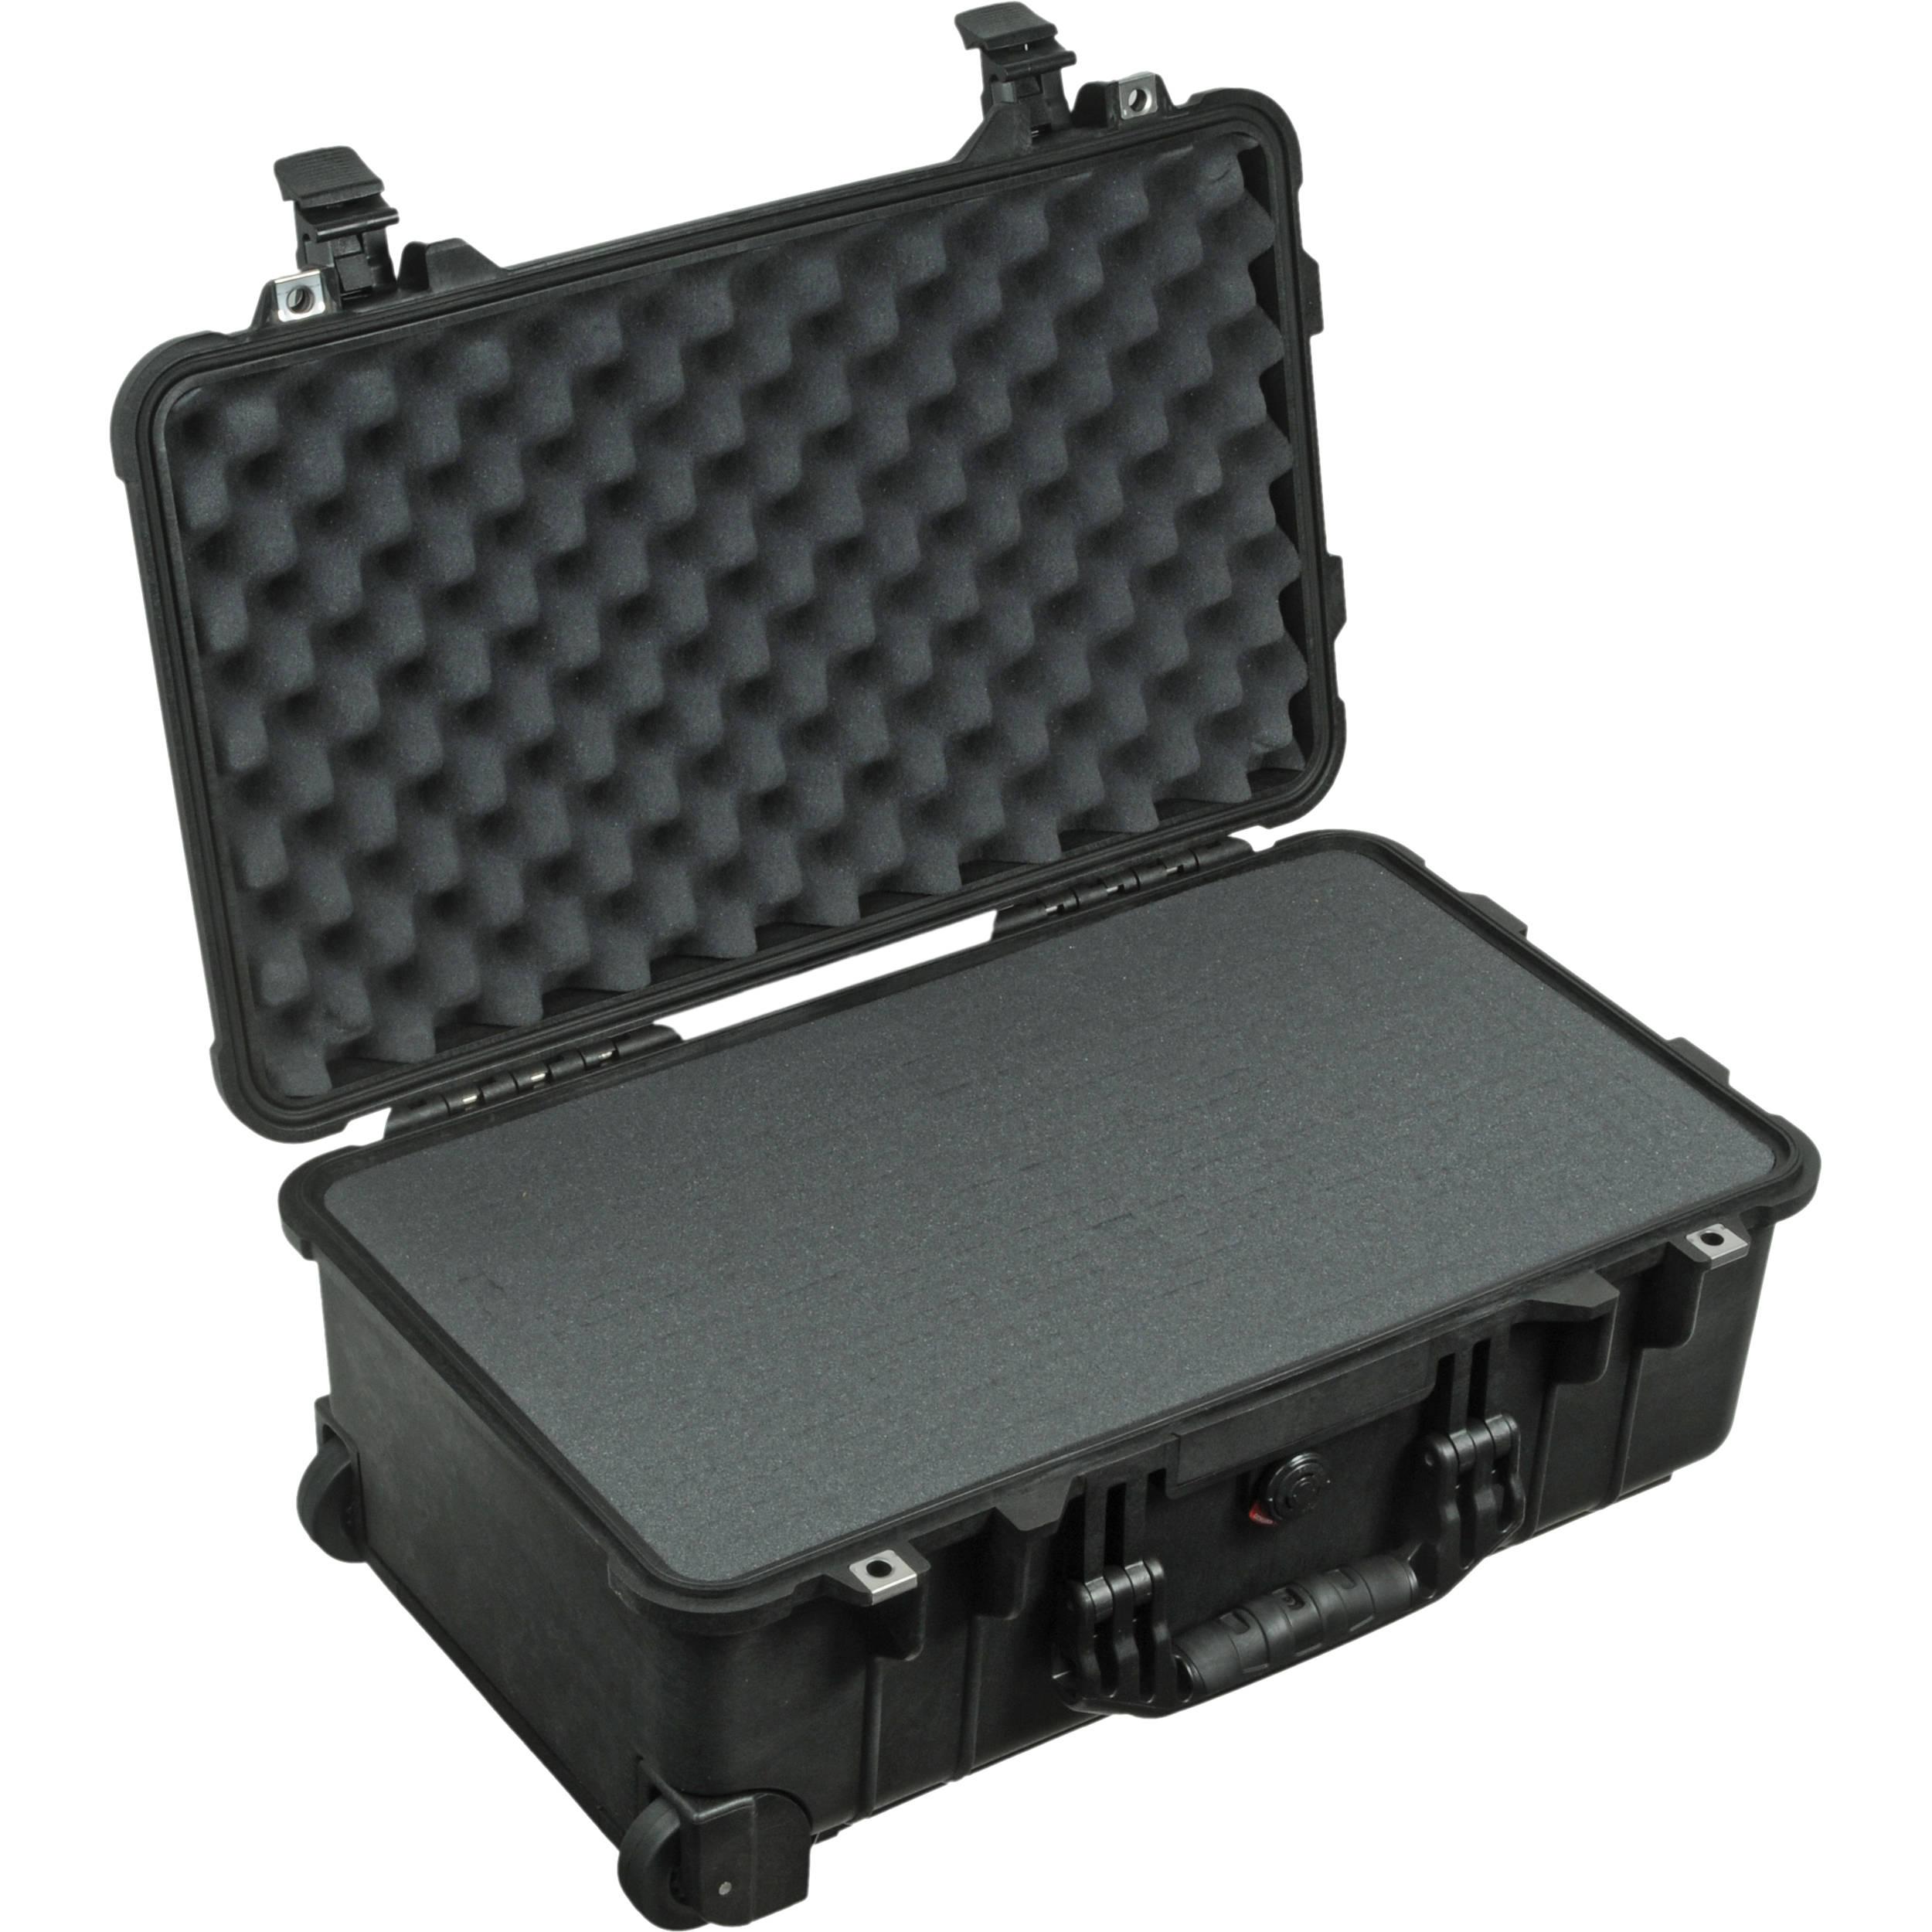 pelican briefcase photo - 1